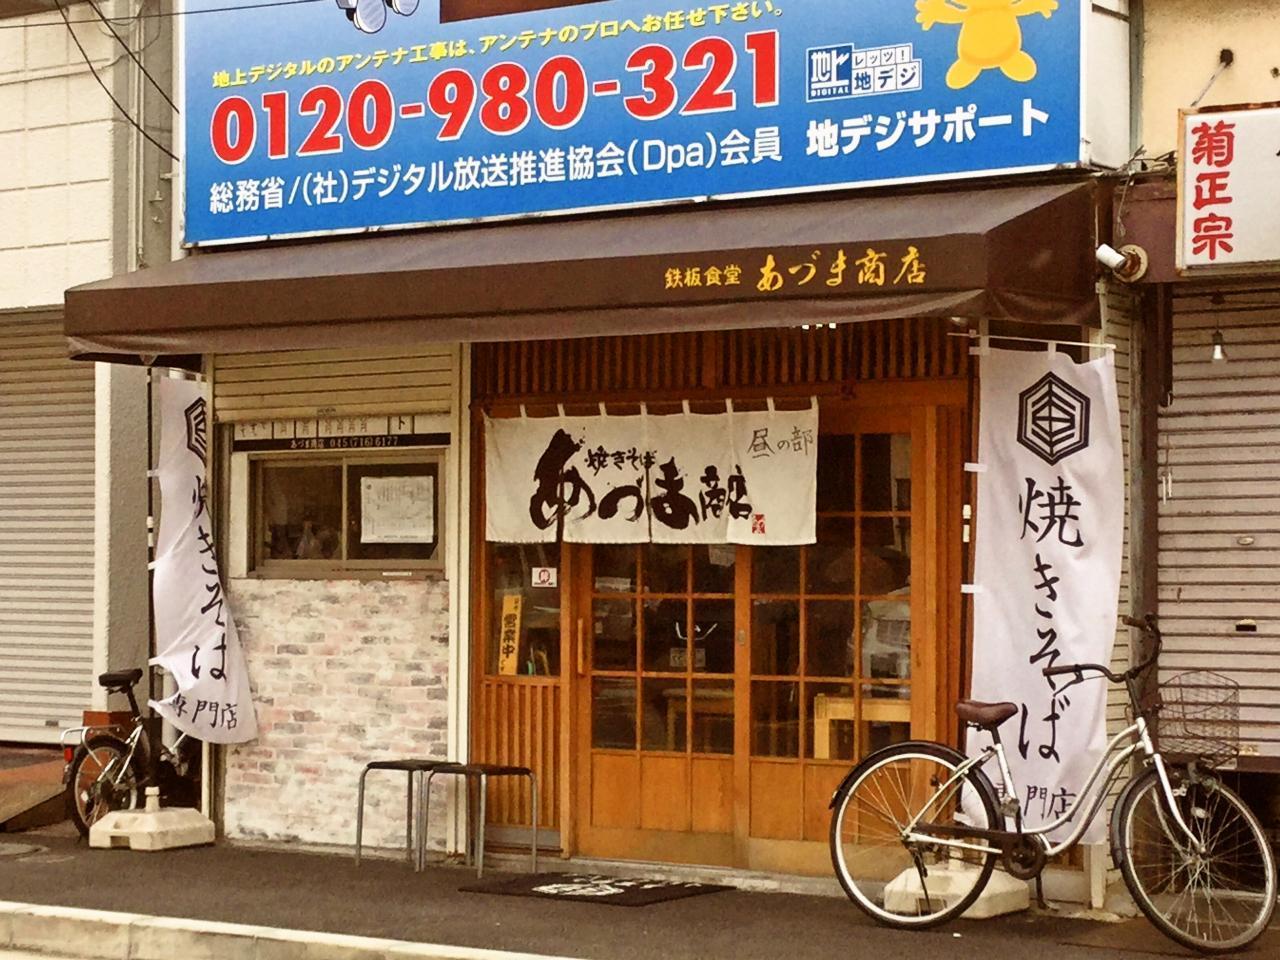 あづま商店(店舗)